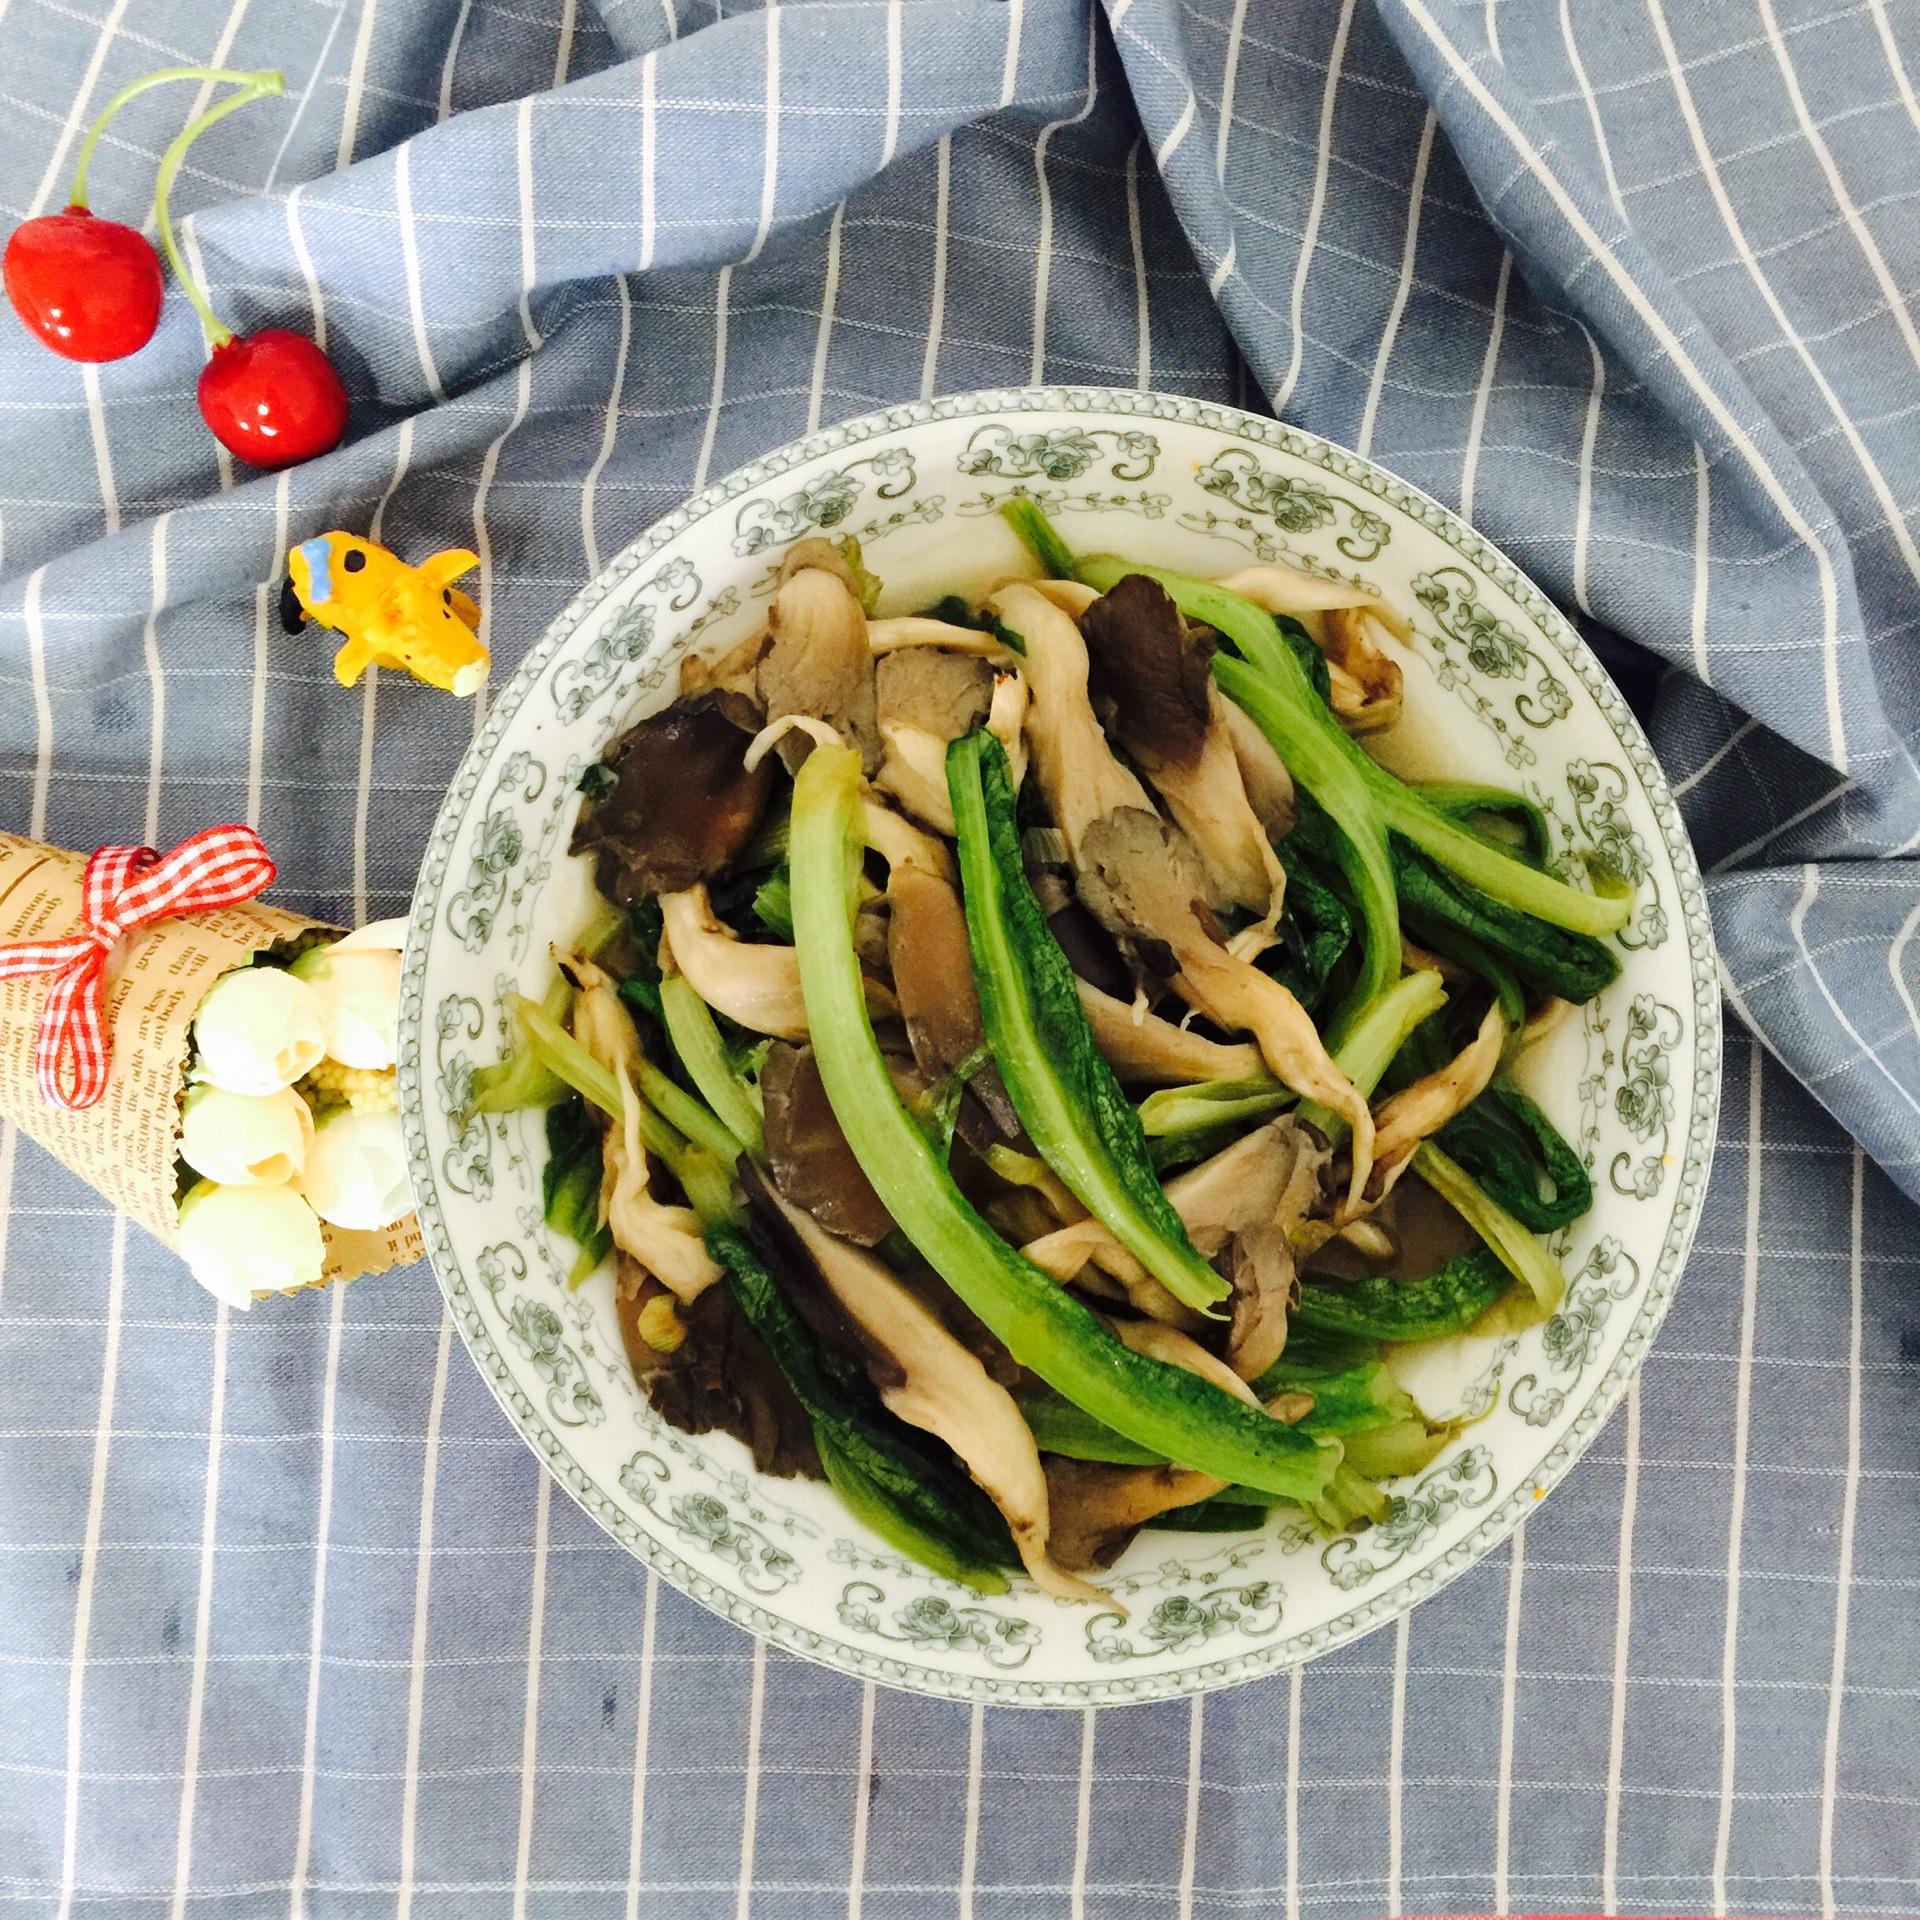 蘑菇的做法大全_油麦菜炒蘑菇的做法_【图解】油麦菜炒蘑菇怎么做如何做好吃 ...